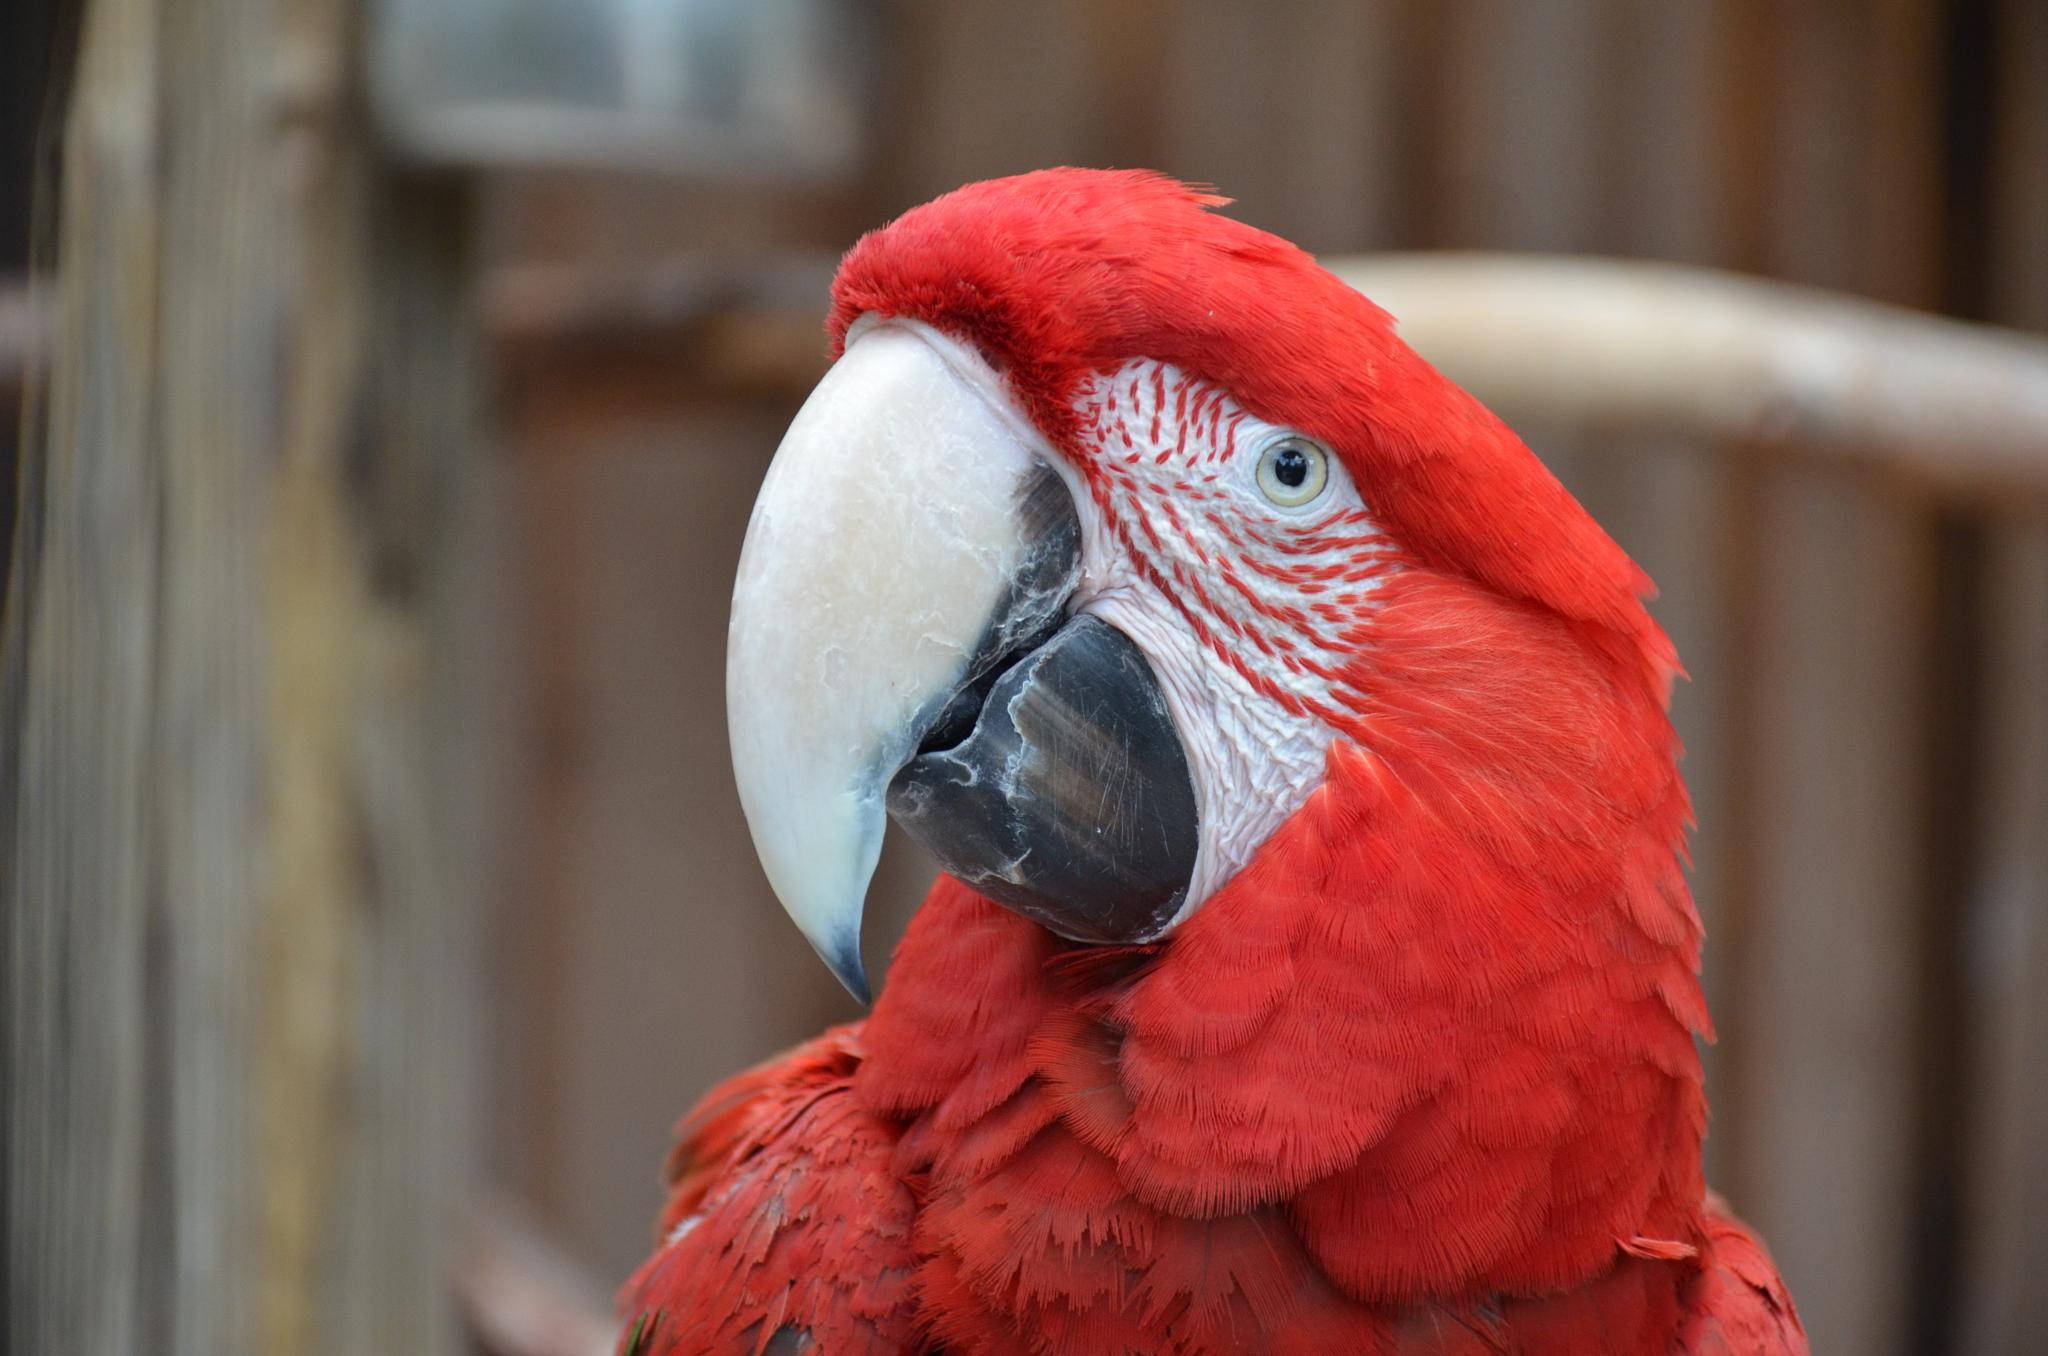 Red head Parrot by raspbearys